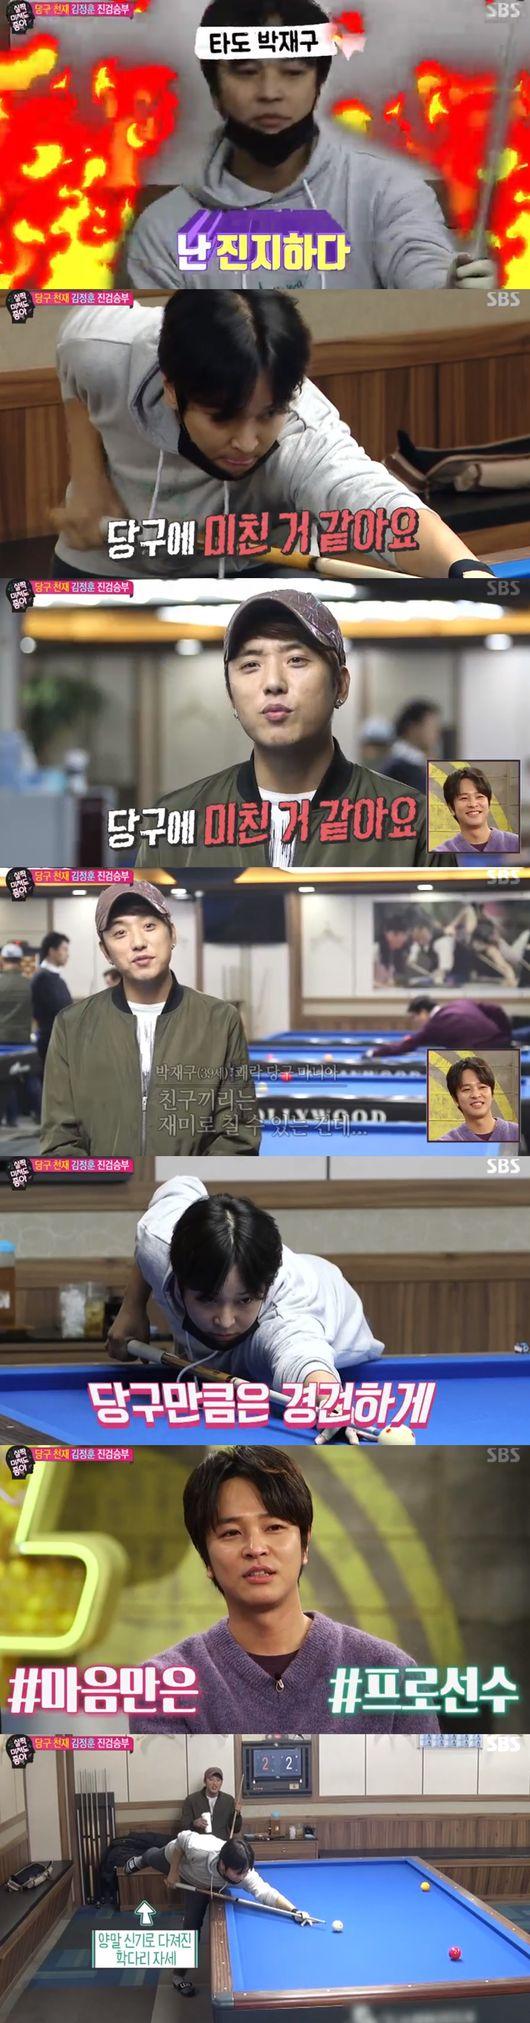 `살짝미쳐도좋아` 김정훈, 당구에 미쳤다